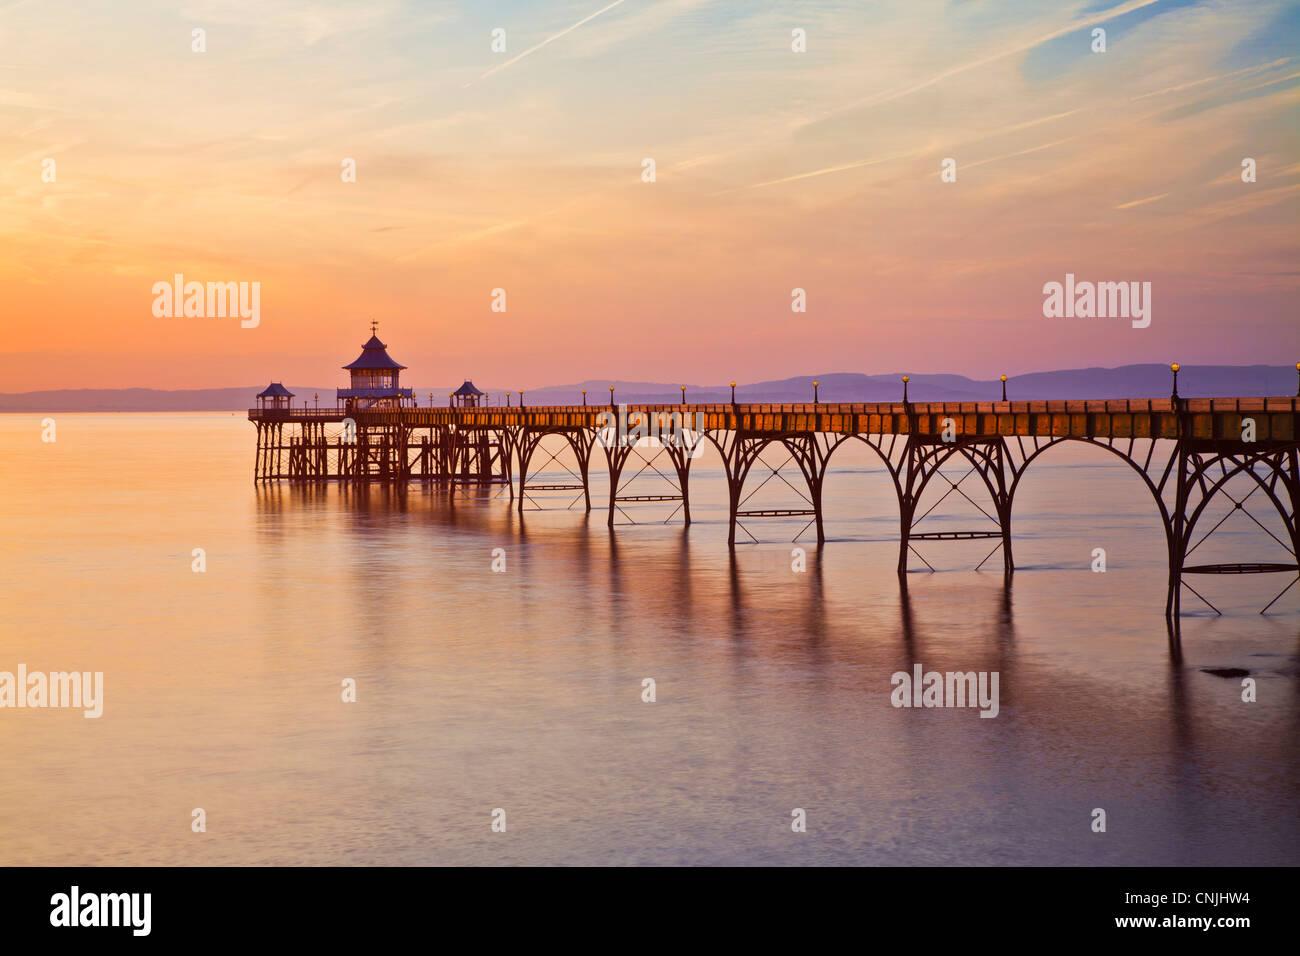 Luce della Sera cade sul molo di Clevedon, Somerset, Inghilterra, Regno Unito Immagini Stock